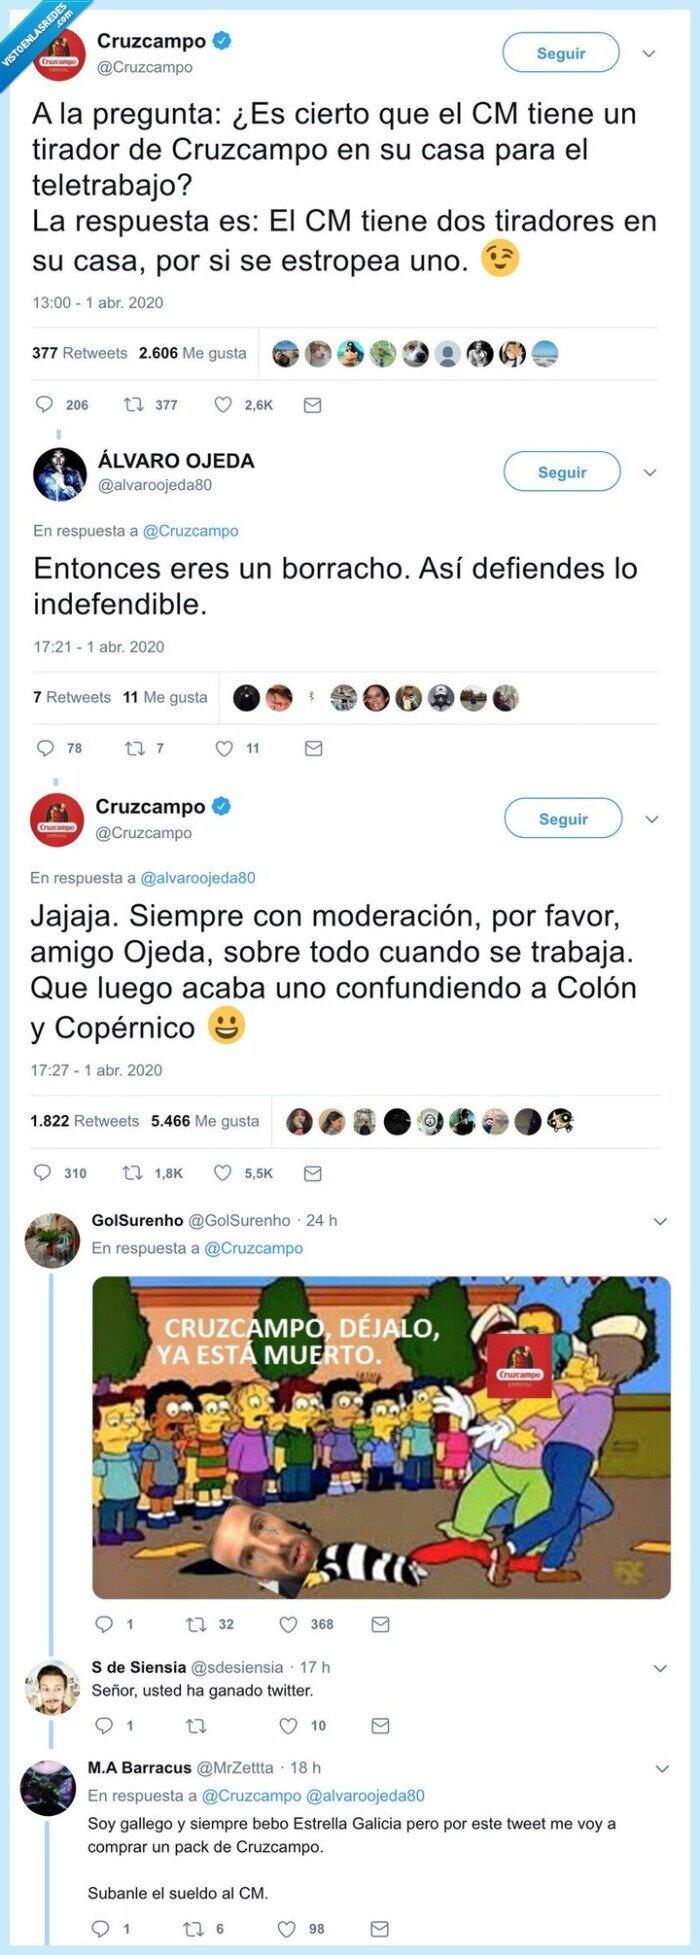 @Cruzcampo,Ahora,Amo,decís,Puto,que